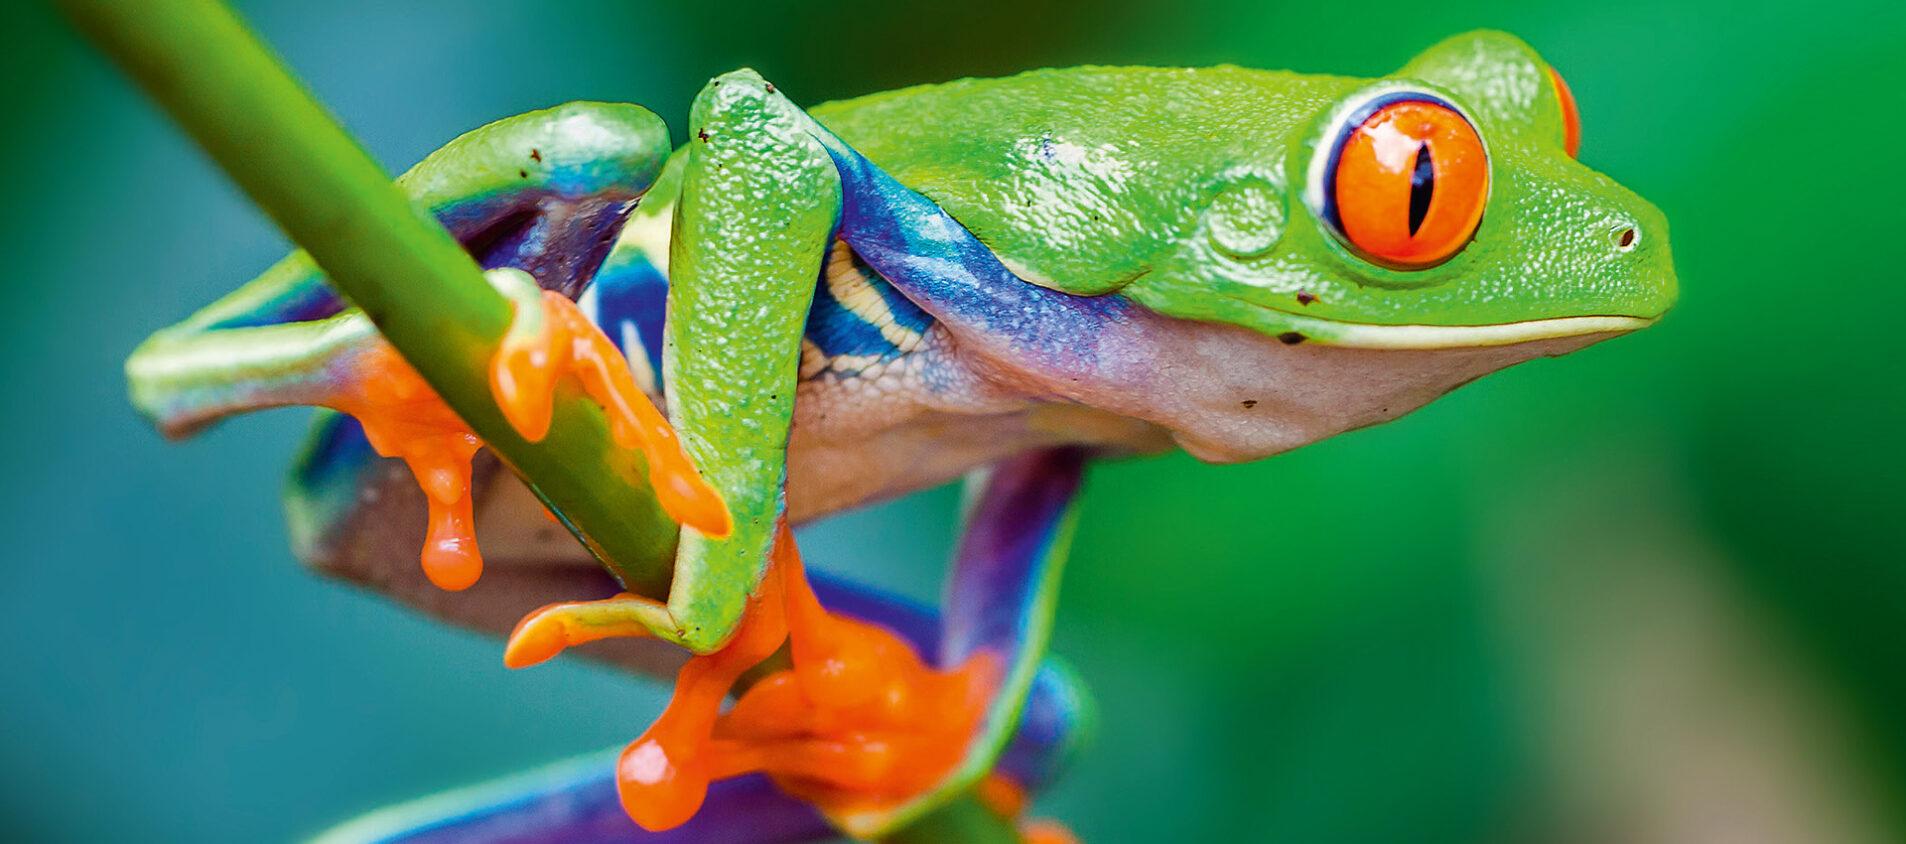 Varför är biologisk mångfald bra?